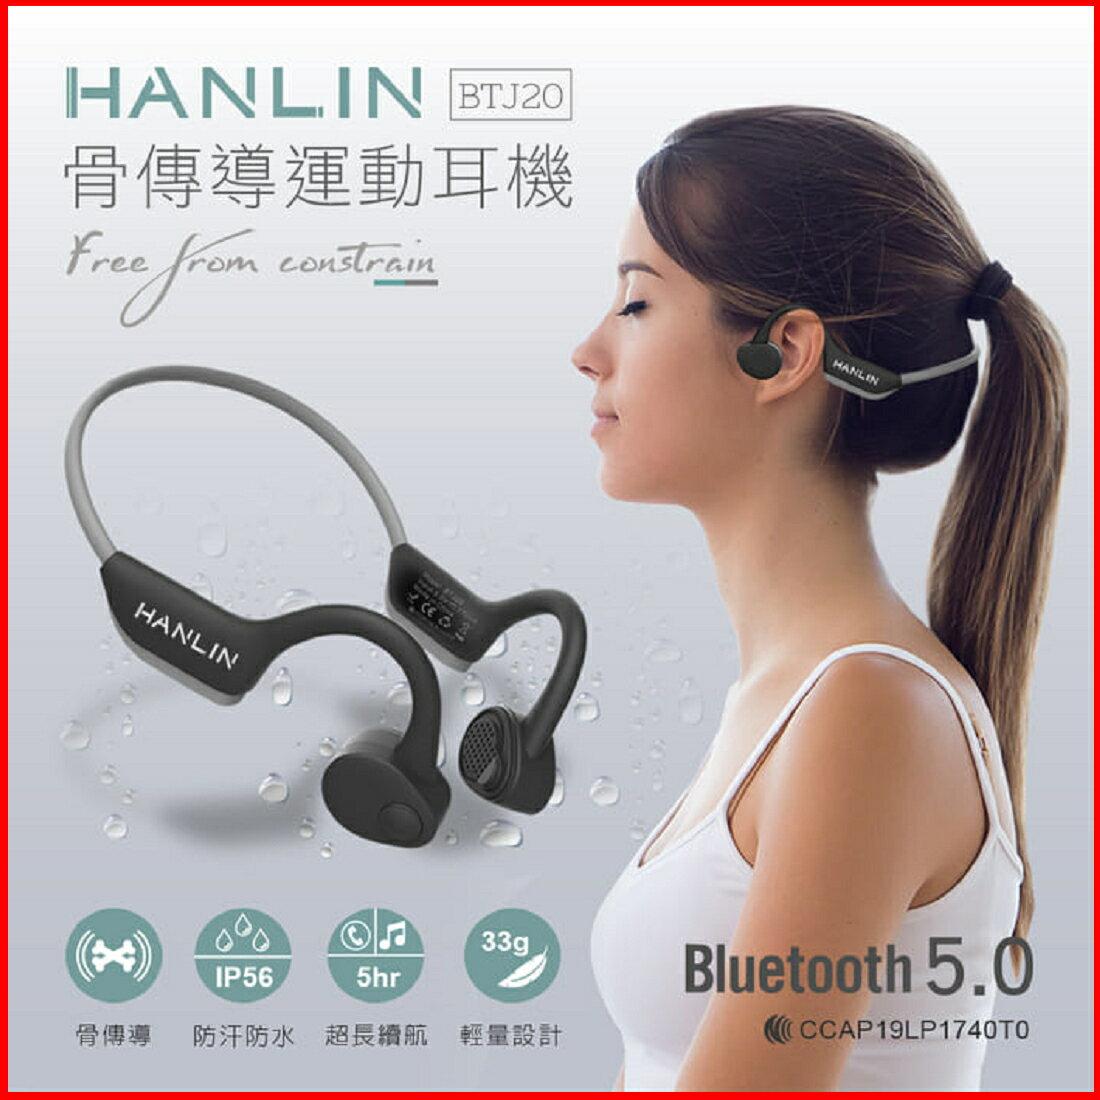 HANLIN-BTJ20 防水藍牙5.0骨傳導運動雙耳藍芽耳機 環繞3D立體音效 IP56防水防塵 續行長達5小時